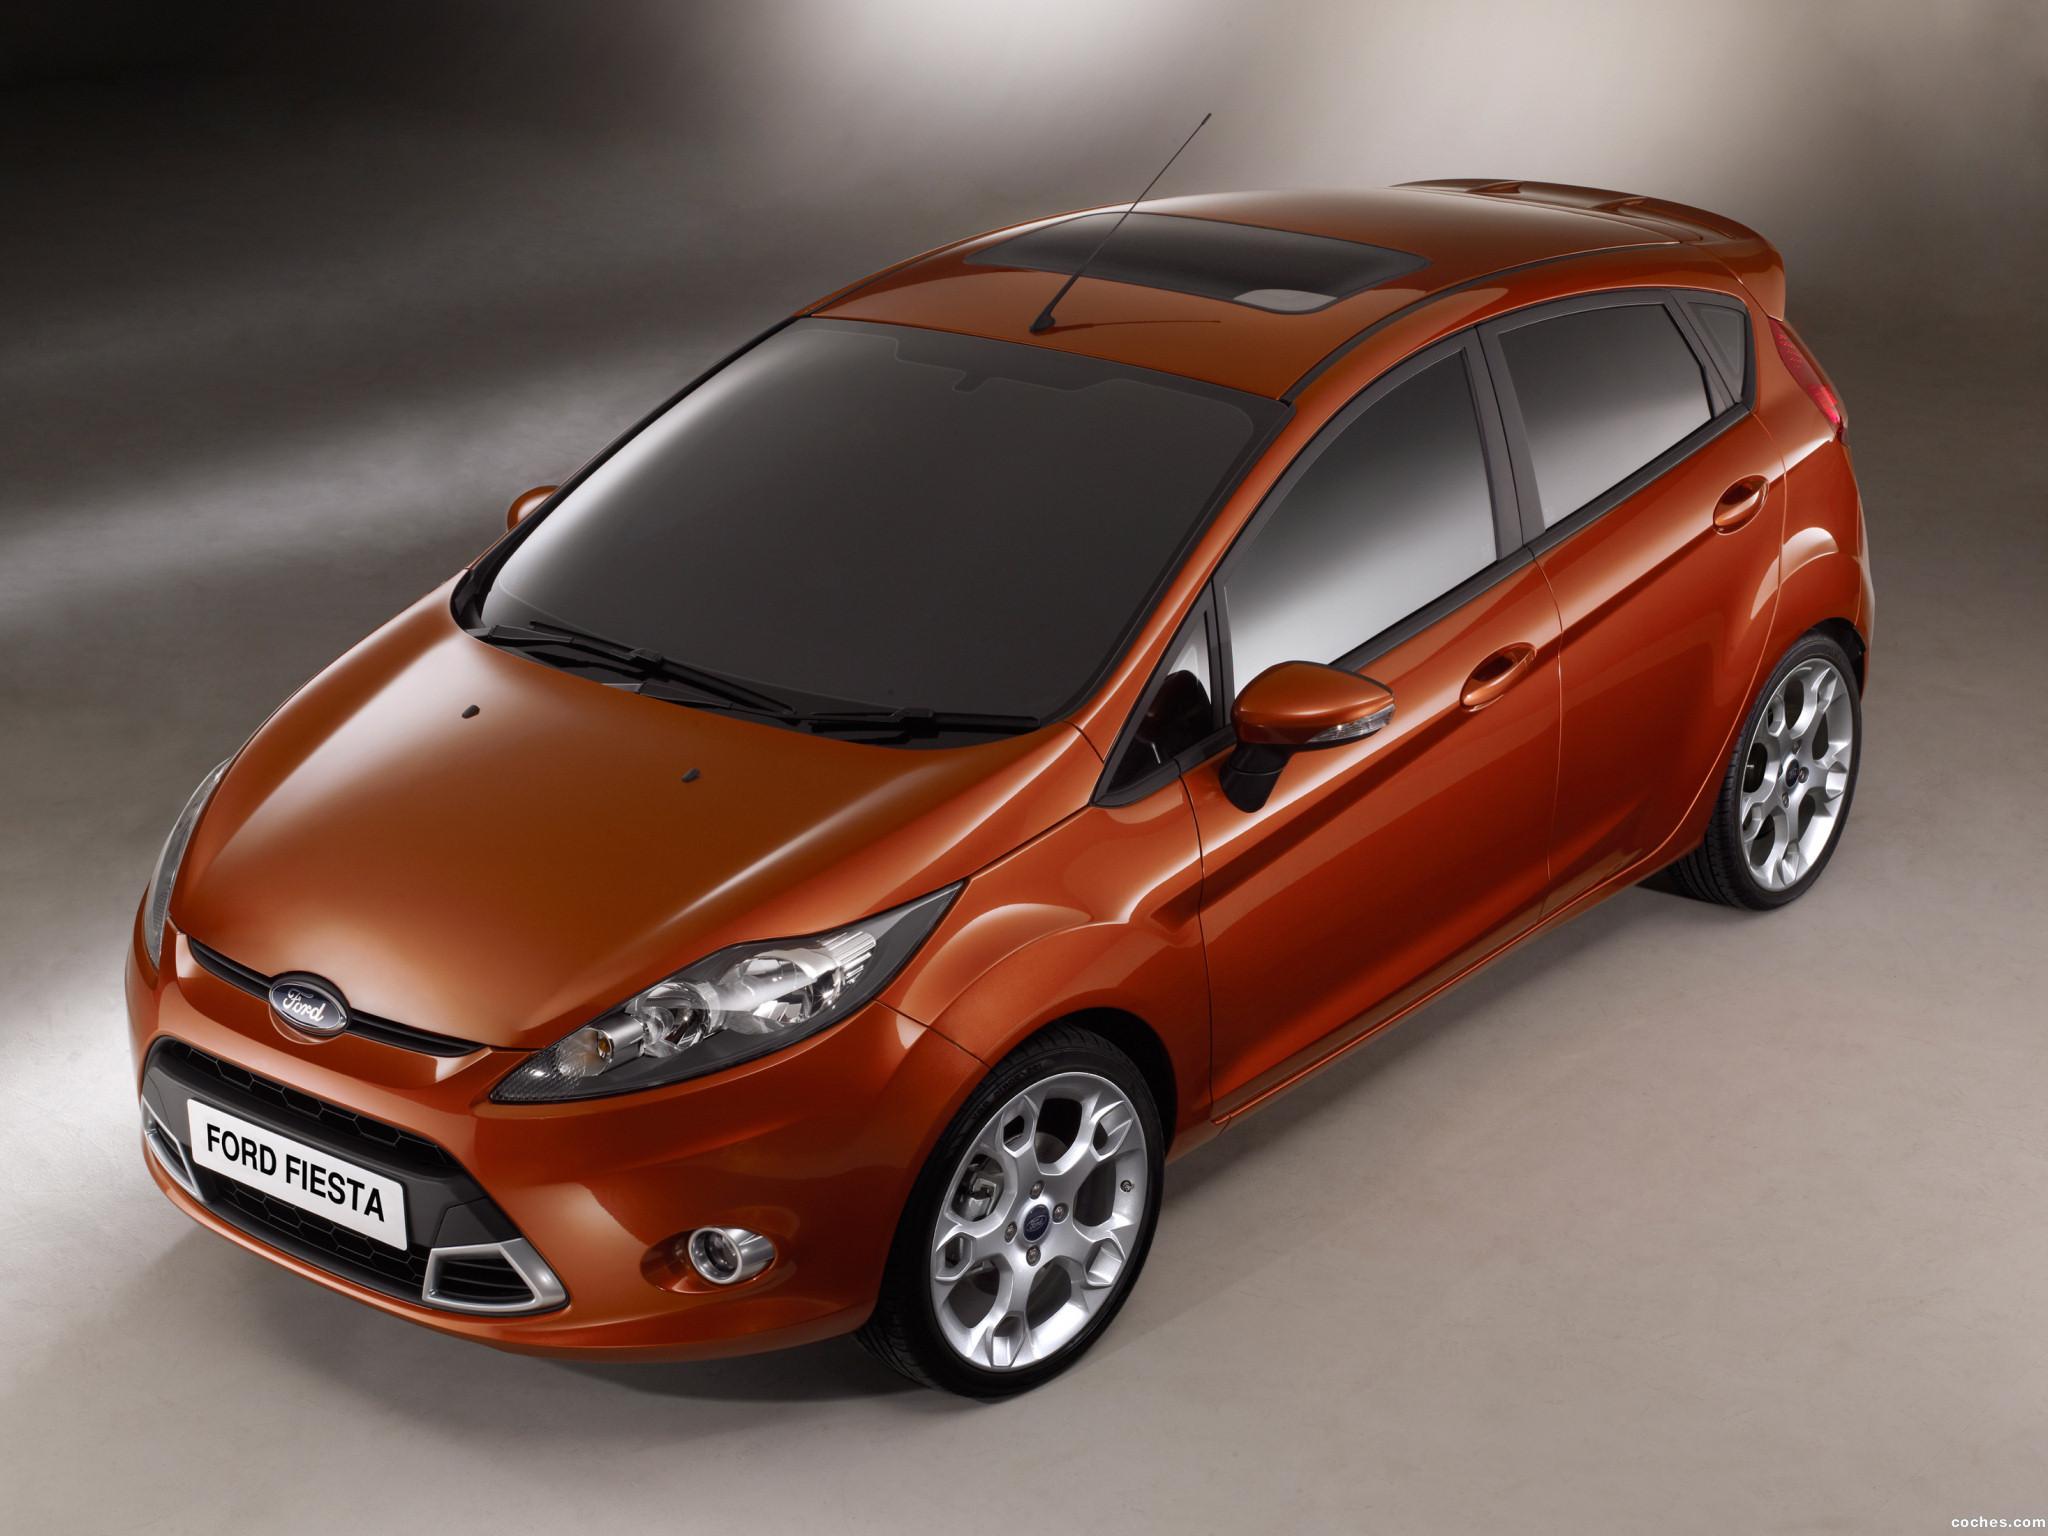 Foto 3 de Ford Fiesta S 2008